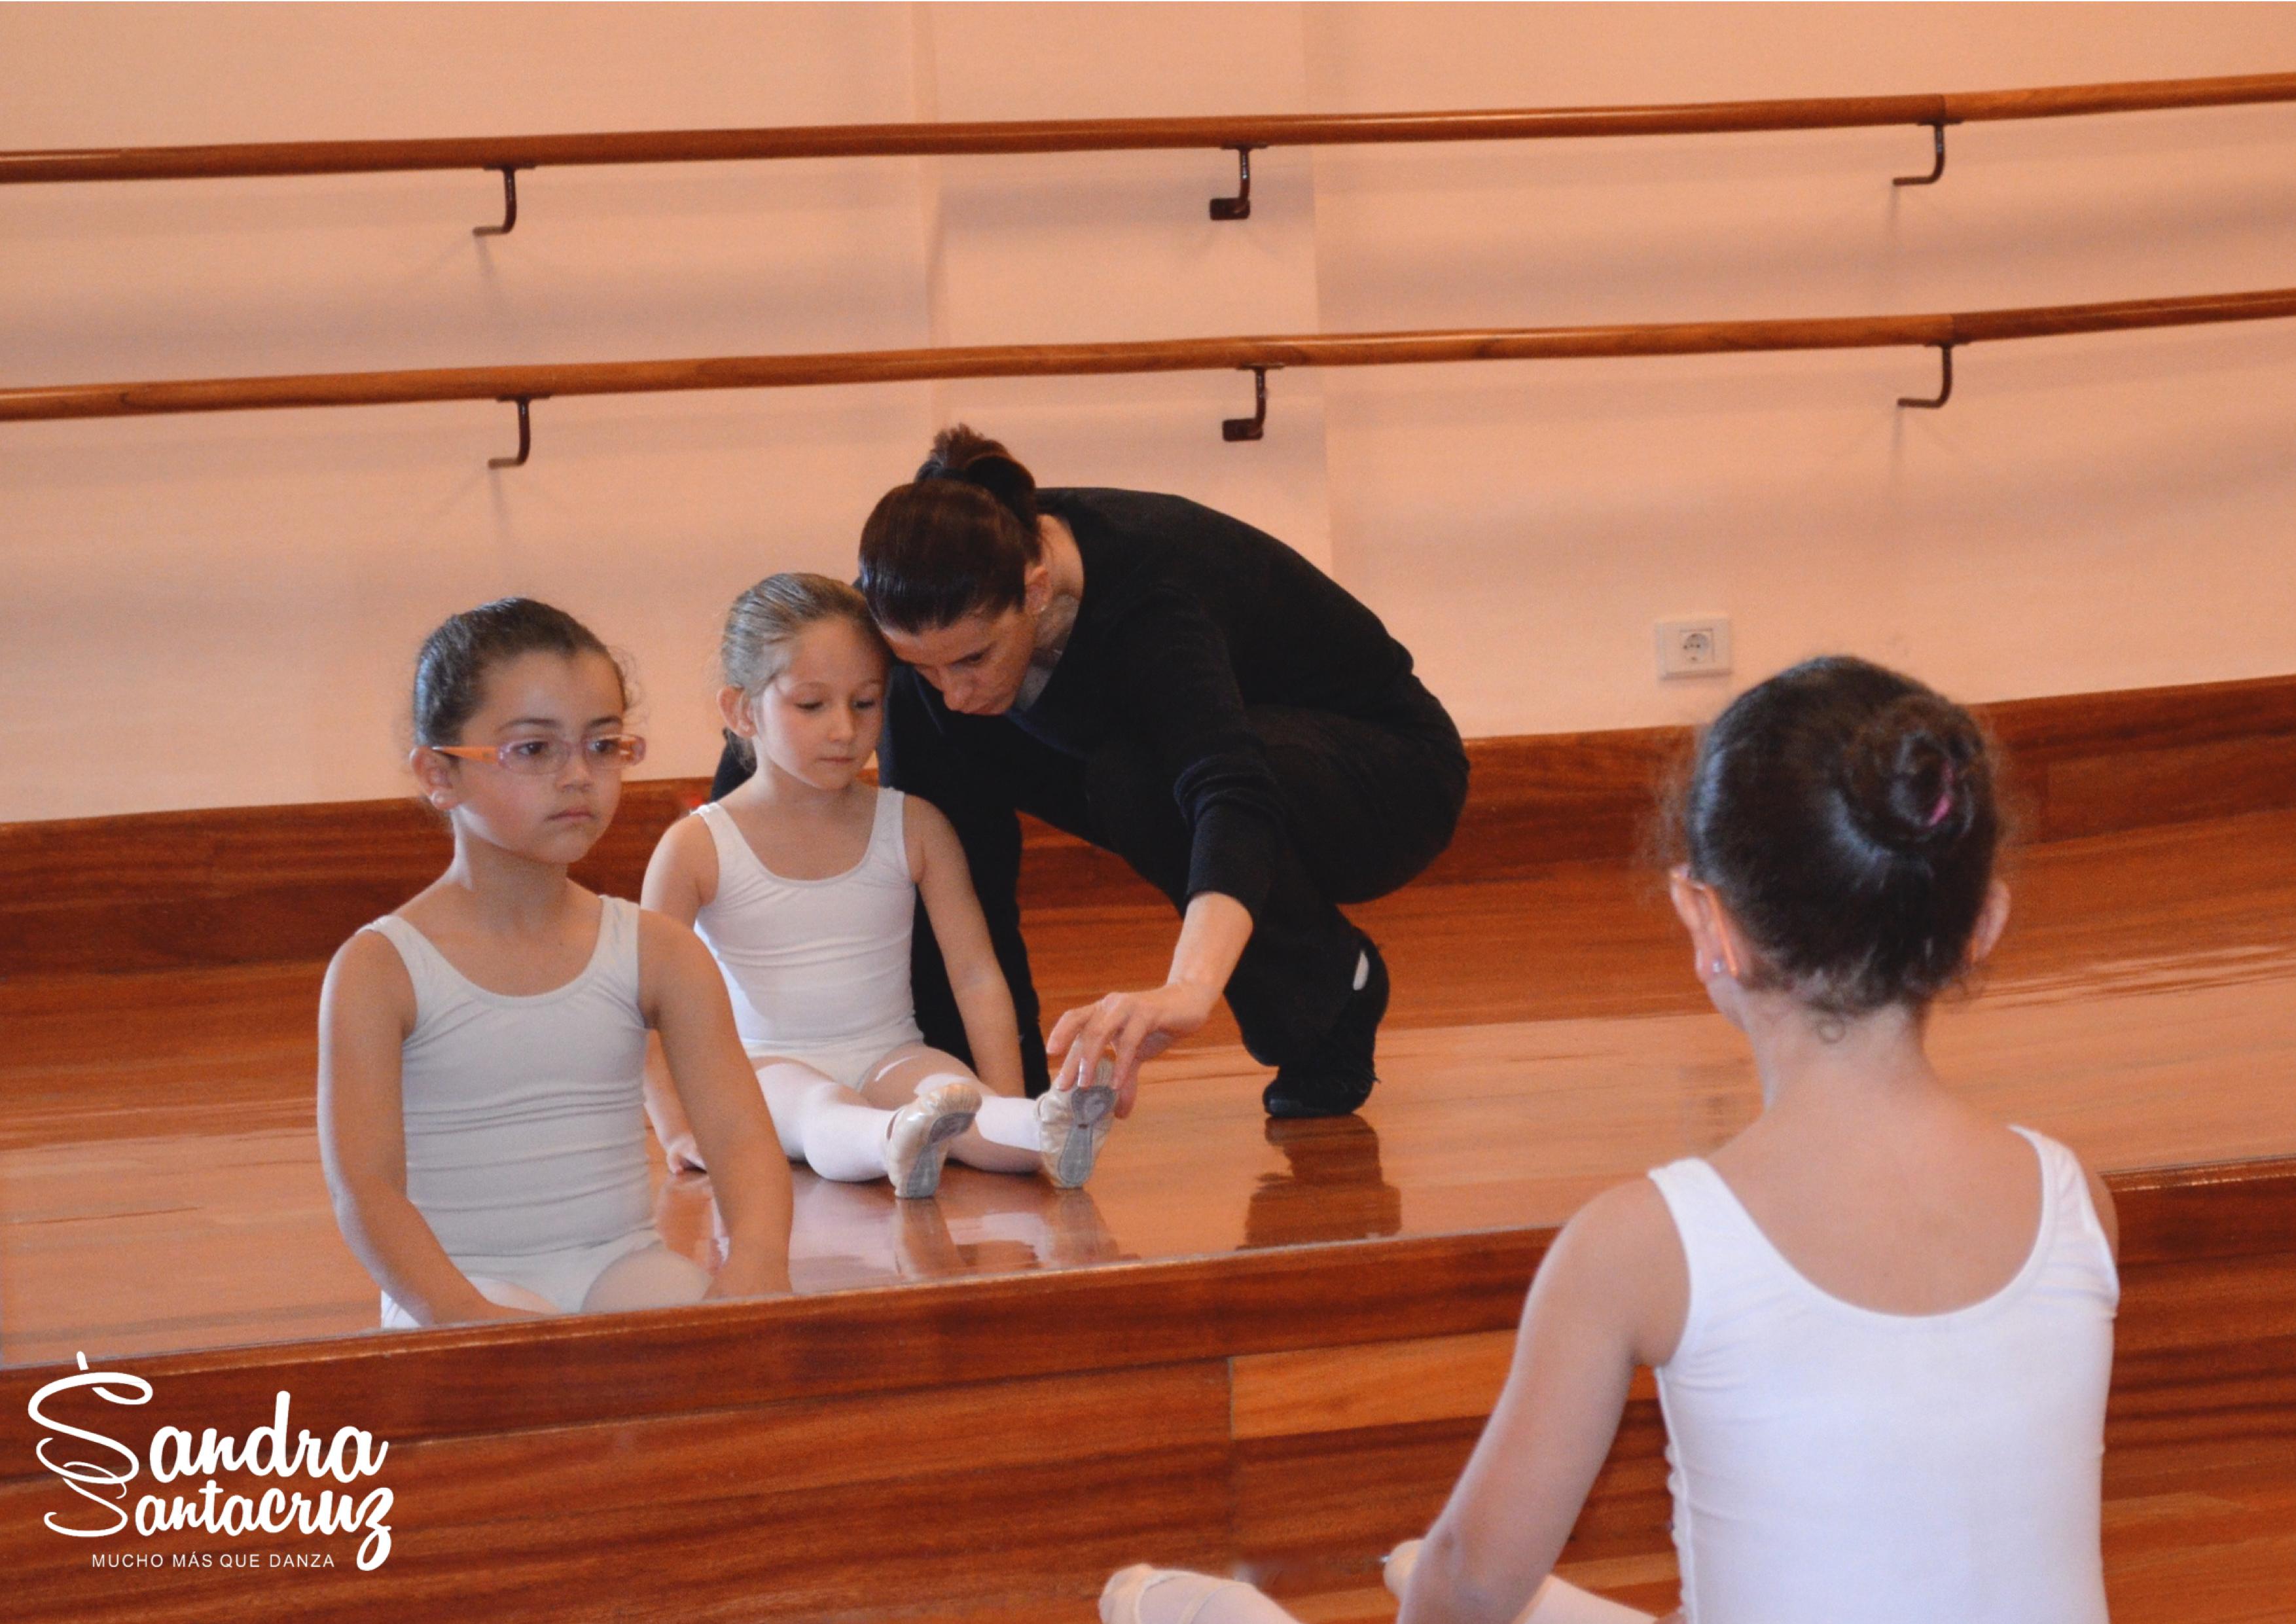 Fotografía de baile de Predanza 2 publicada en su perfil mydance